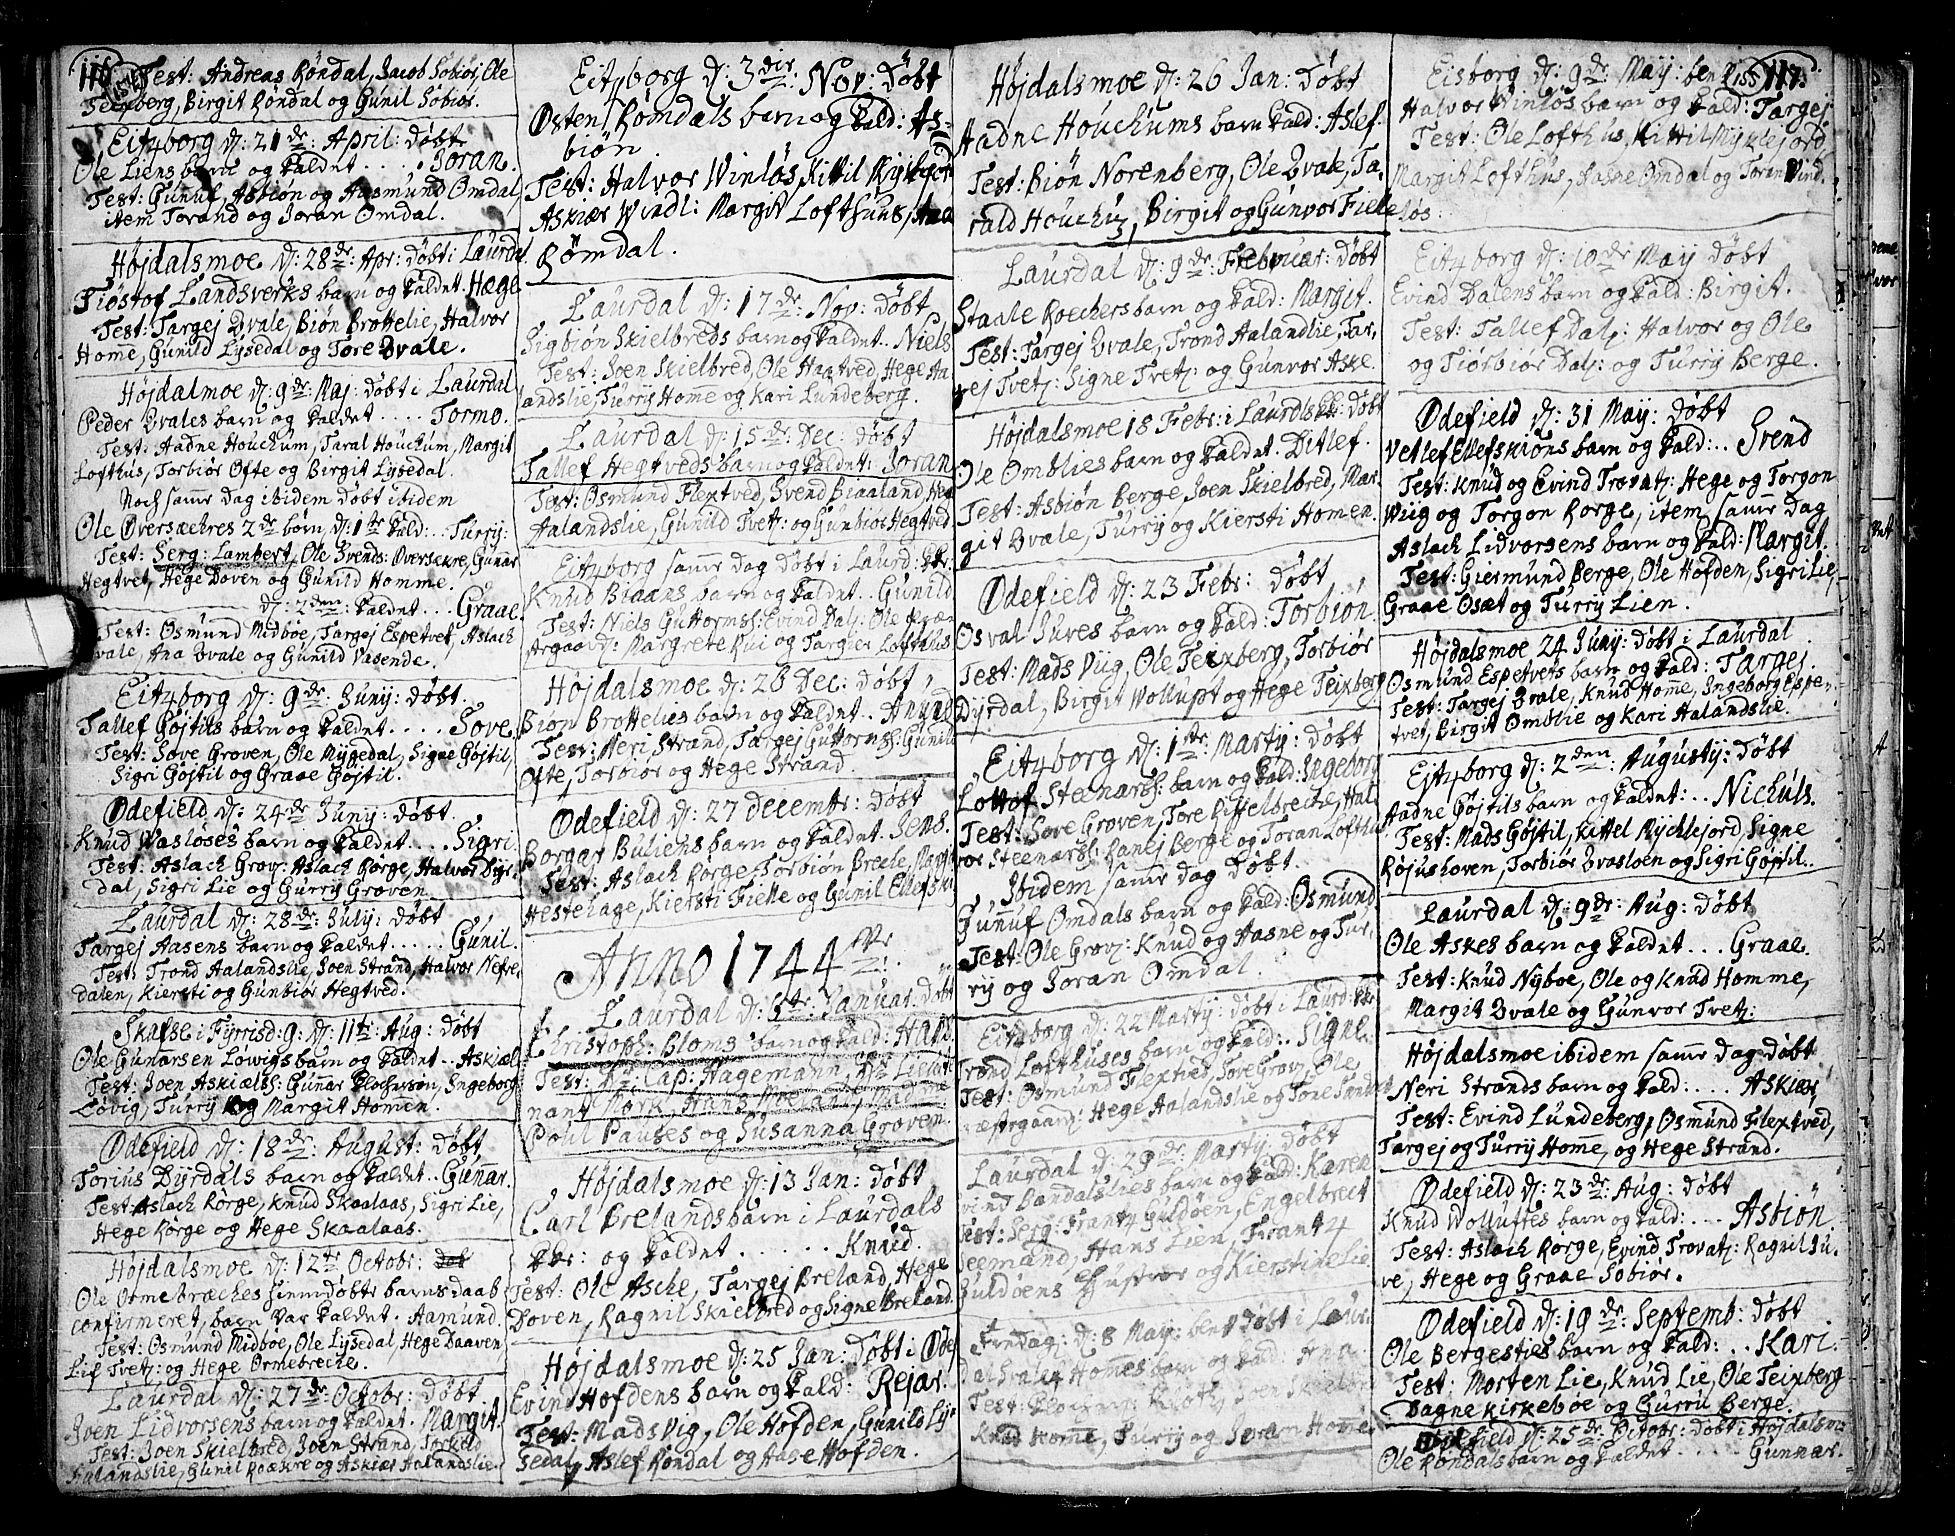 SAKO, Lårdal kirkebøker, F/Fa/L0002: Ministerialbok nr. I 2, 1734-1754, s. 154-155